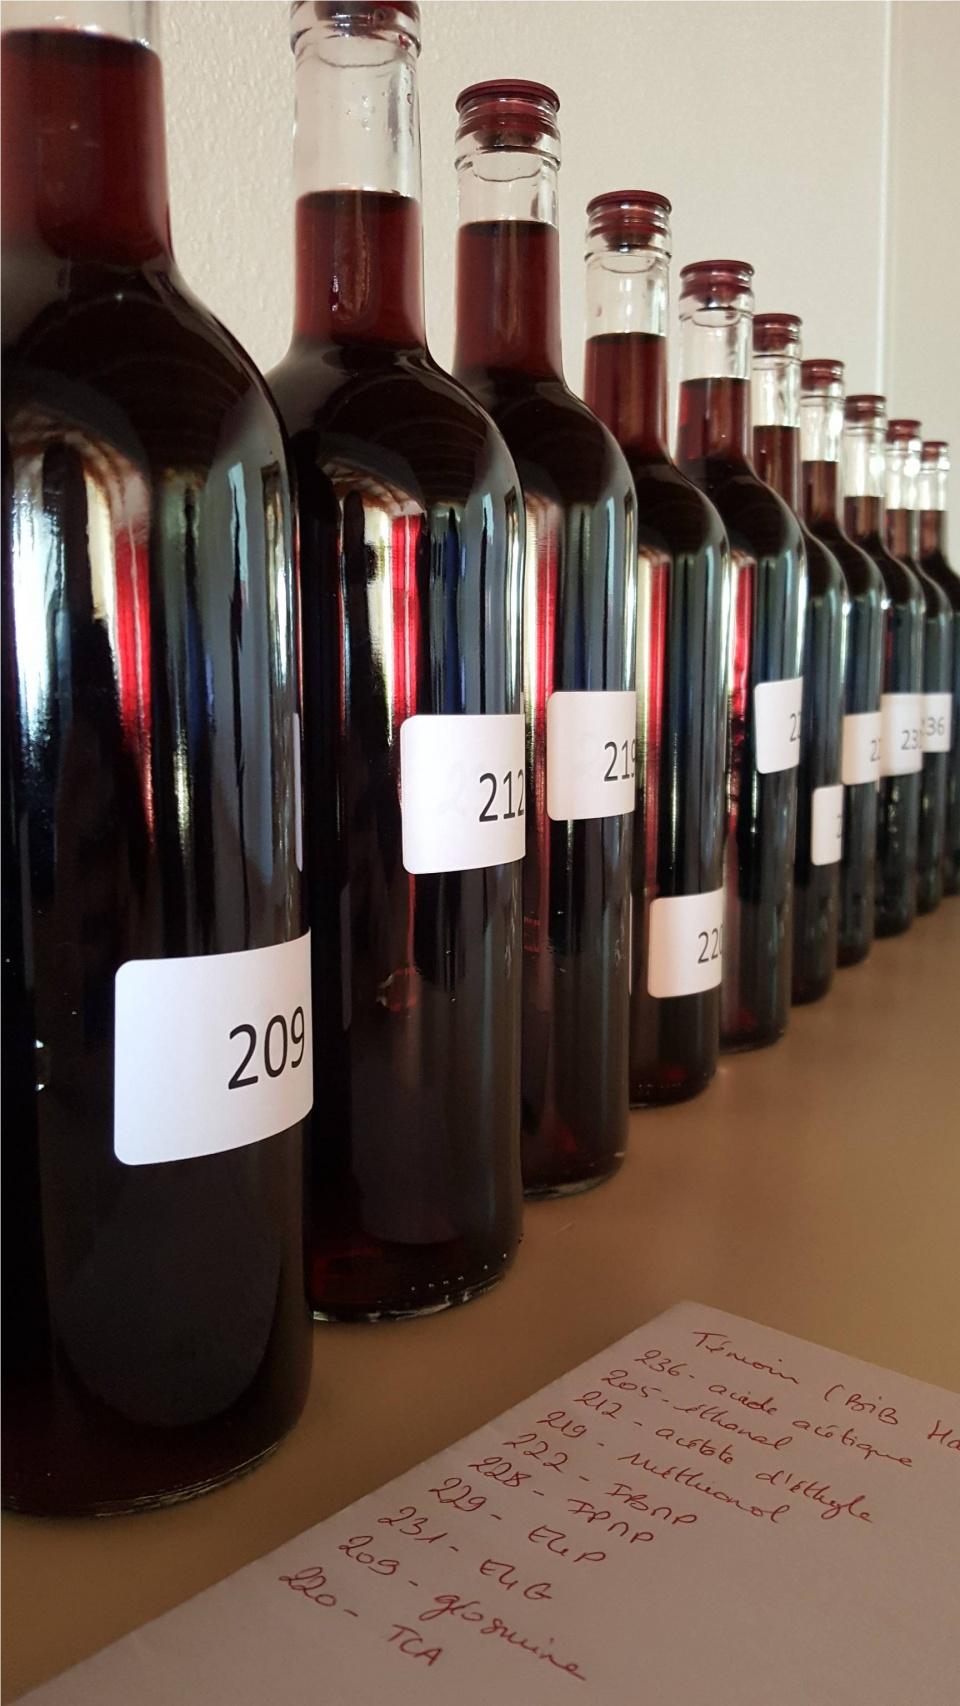 échantillons de vin contenants différents défauts